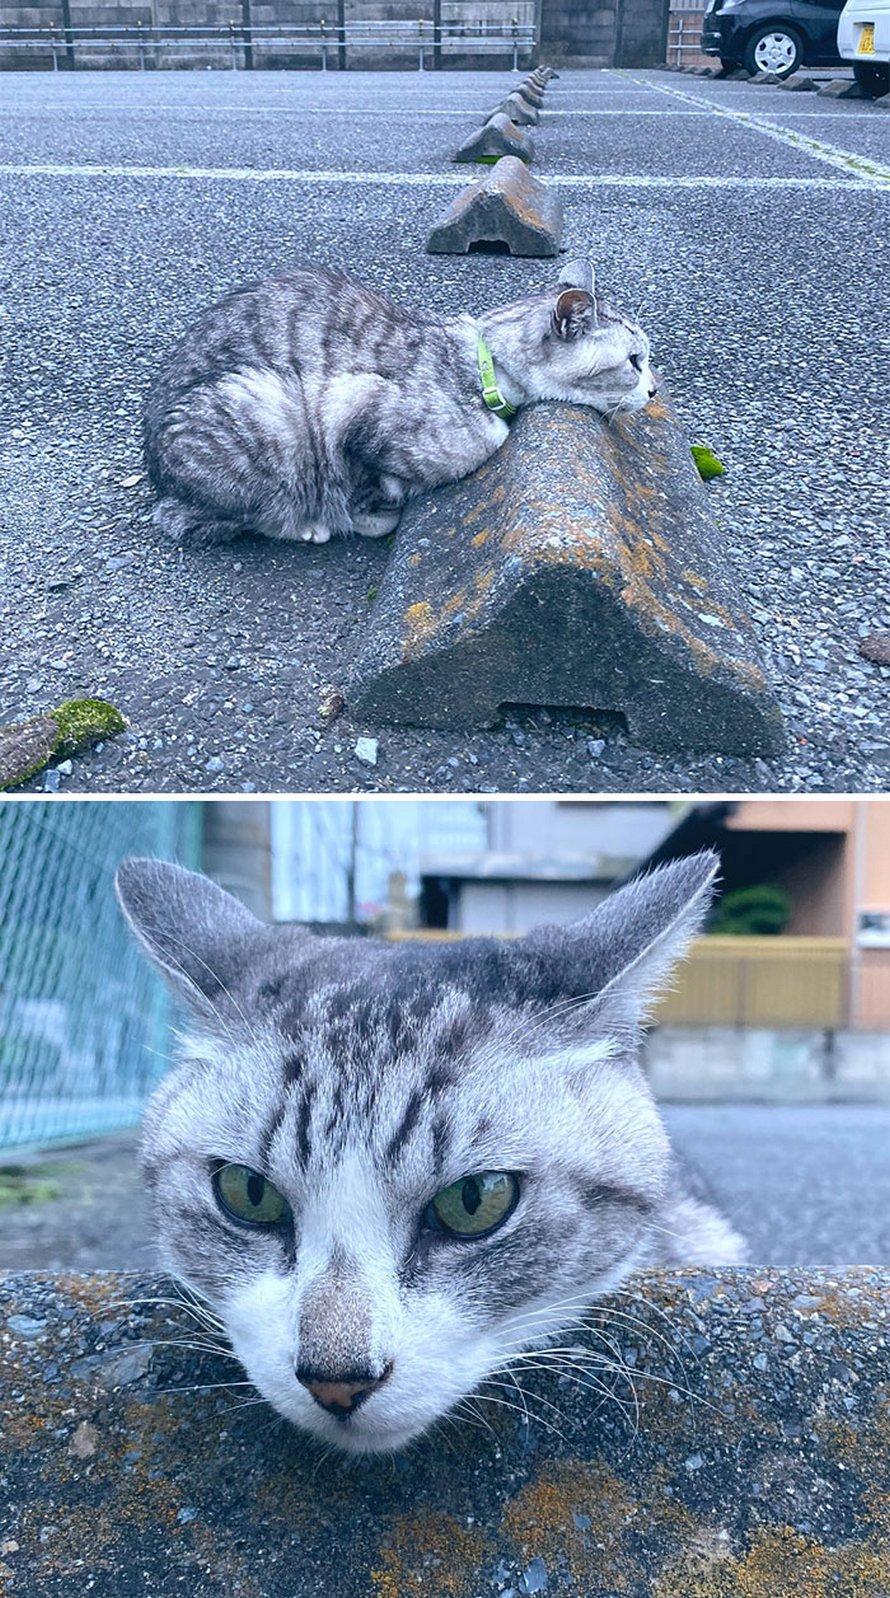 Quelqu'un a remarqué que les chats utilisent les butoirs de stationnement comme oreillers, et 10 personnes ont publié leurs propres photos amusantes